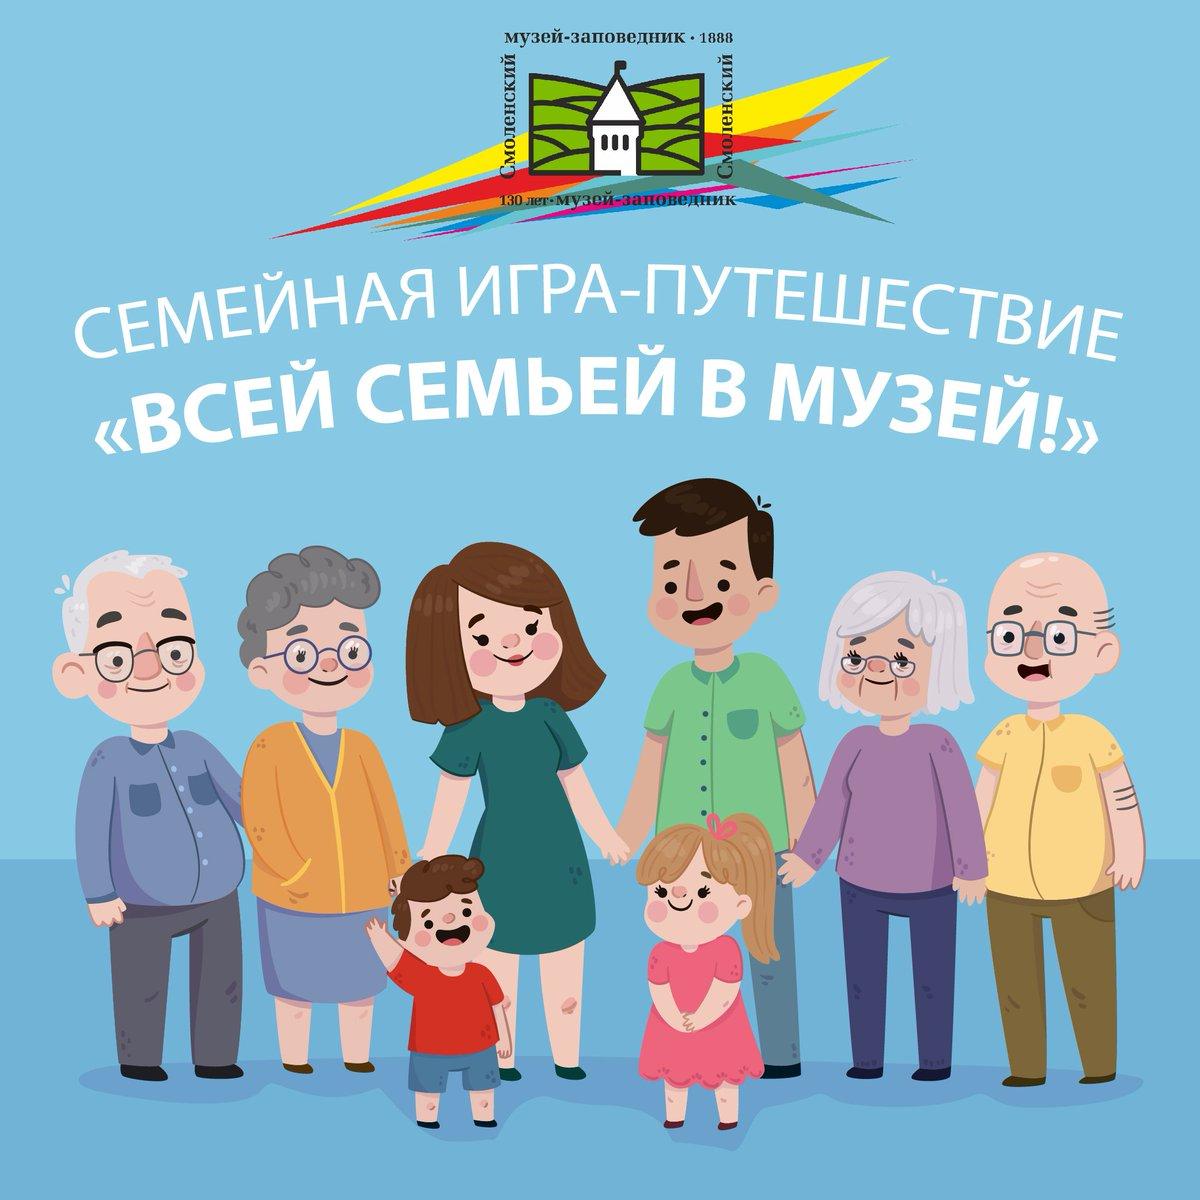 Картинка семья в музее